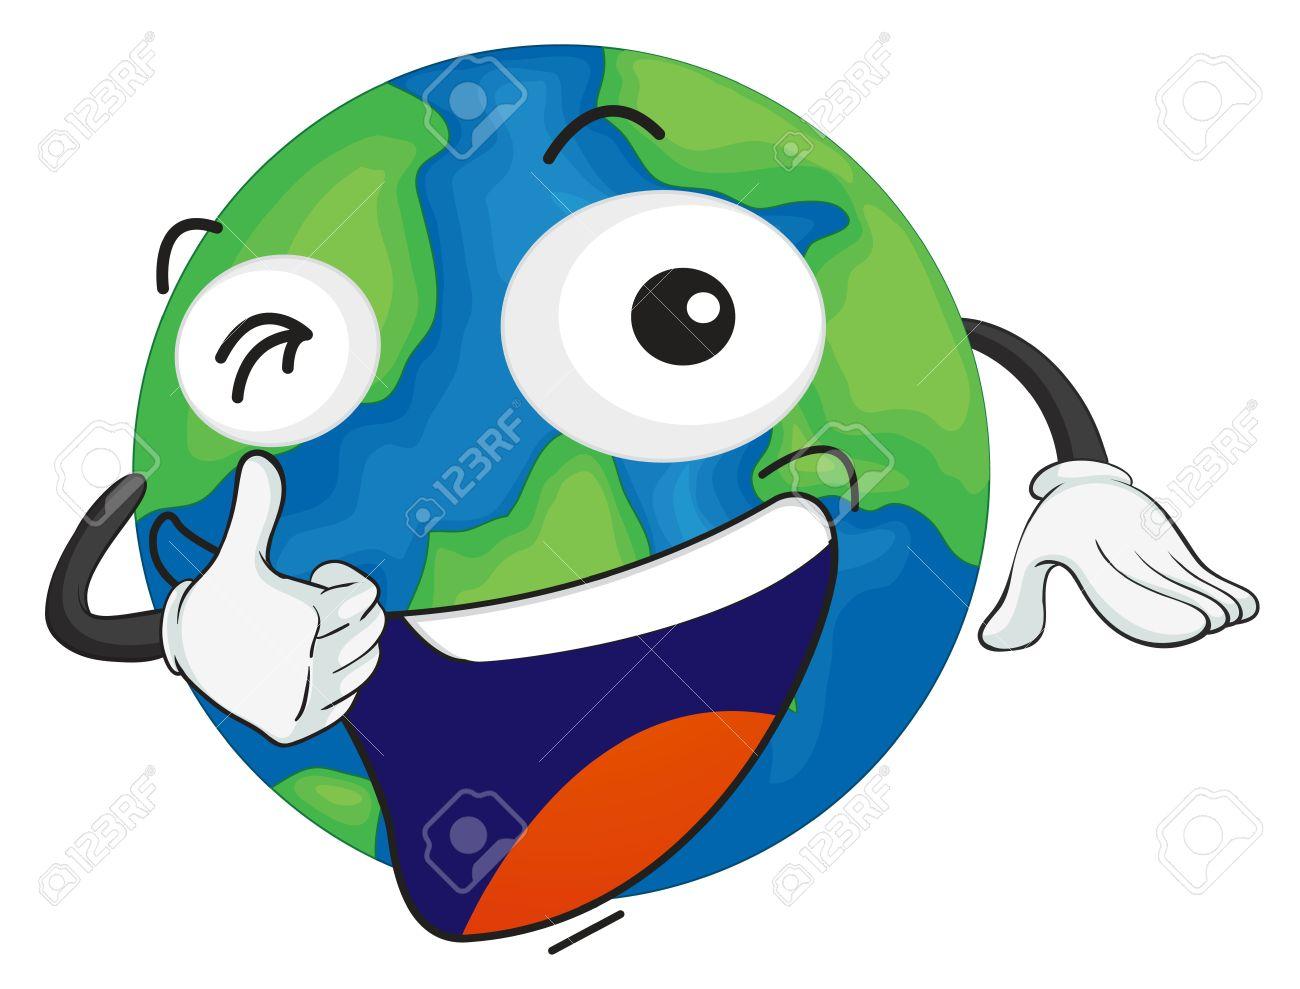 Illustration De La Planete Terre Sur Un Fond Blanc Clip Art Libres De Droits Vecteurs Et Illustration Image 15946498